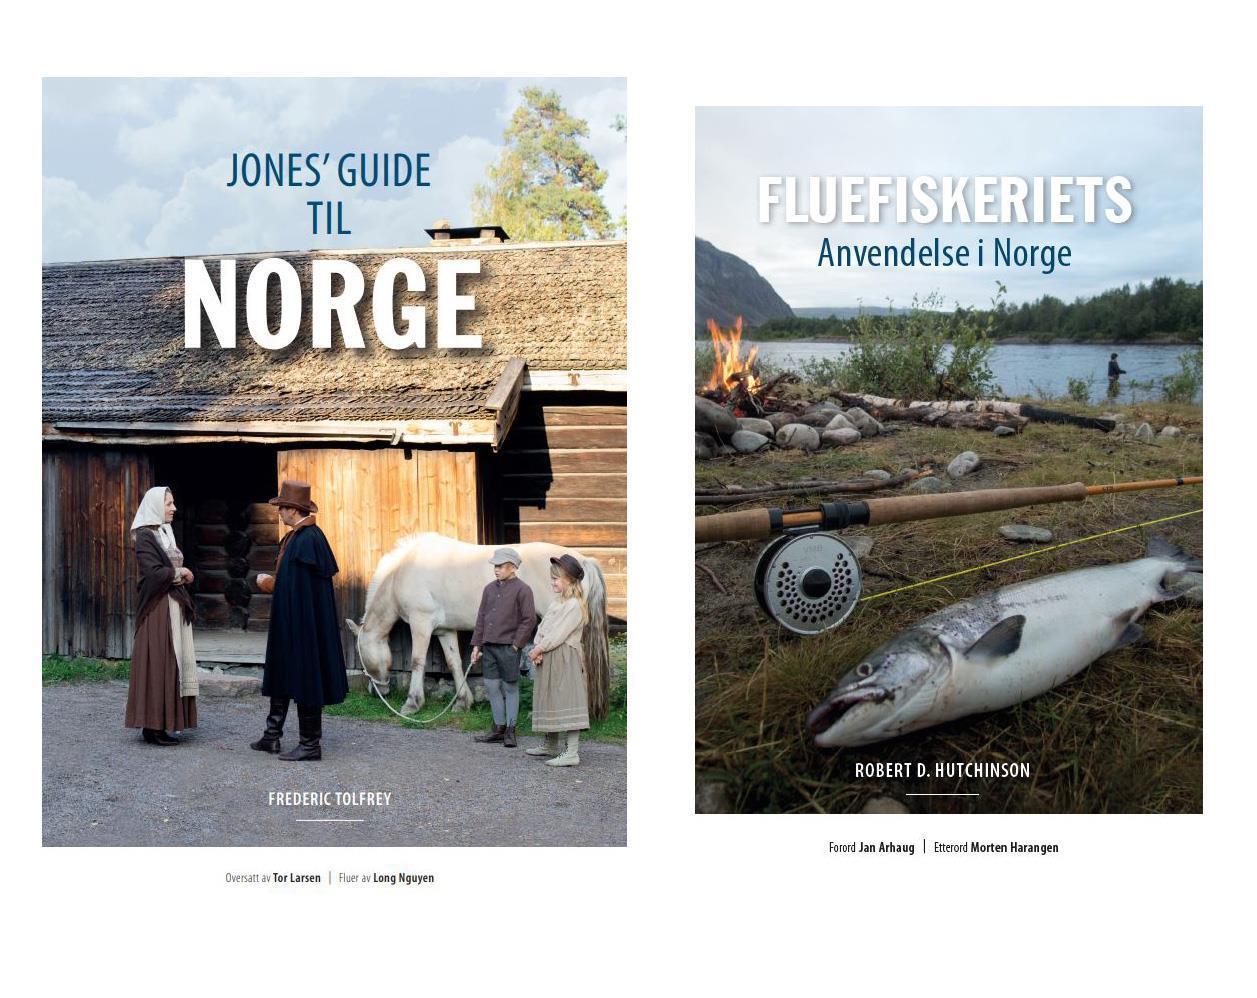 Jones' guide til Norge og fluefiskeriet